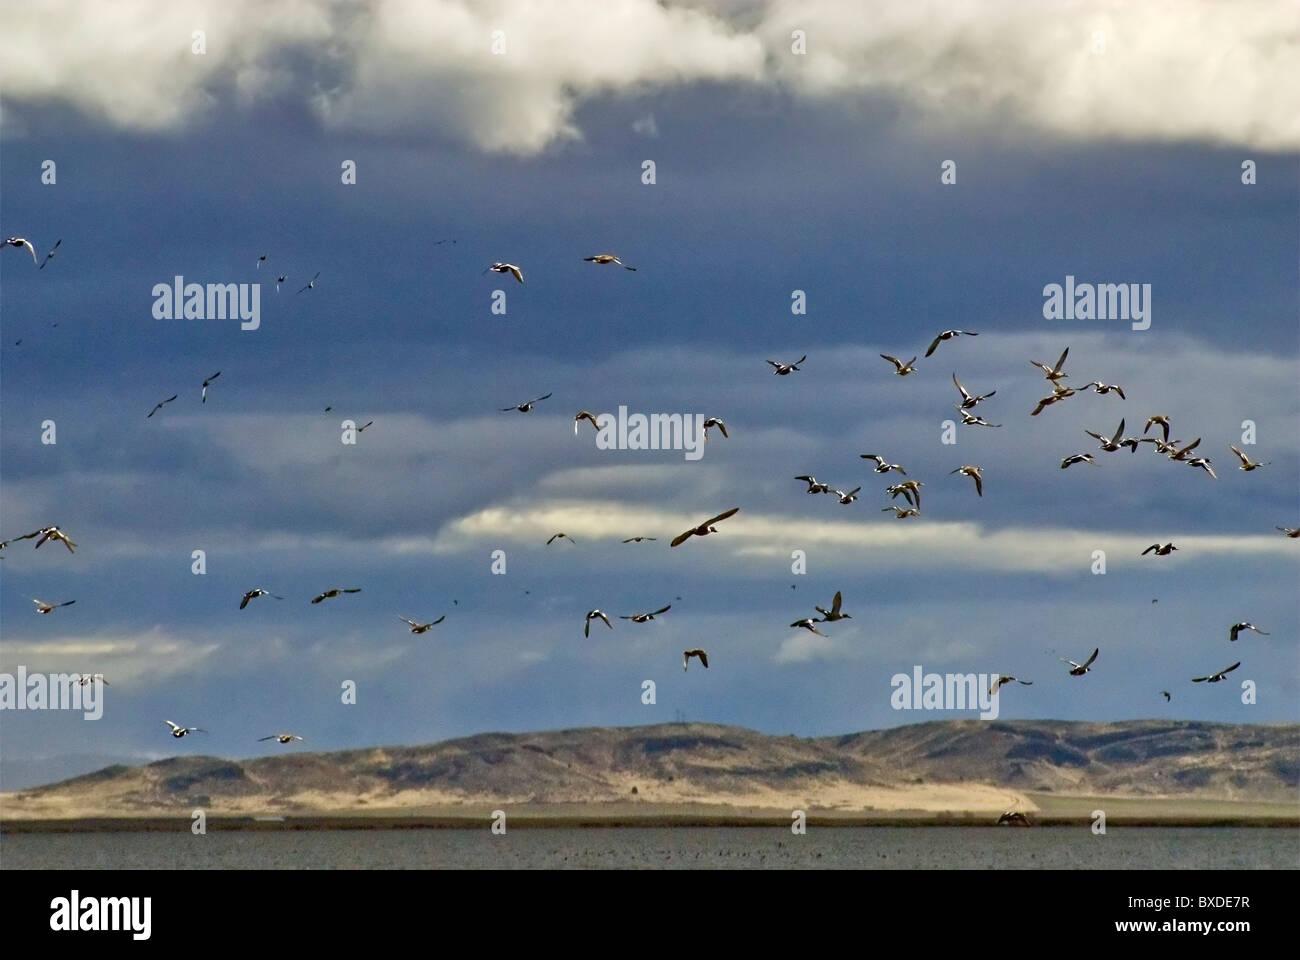 Vuelo de las aves en marzo a menor Klamath National Wildlife Refuge, California, EE.UU. Imagen De Stock